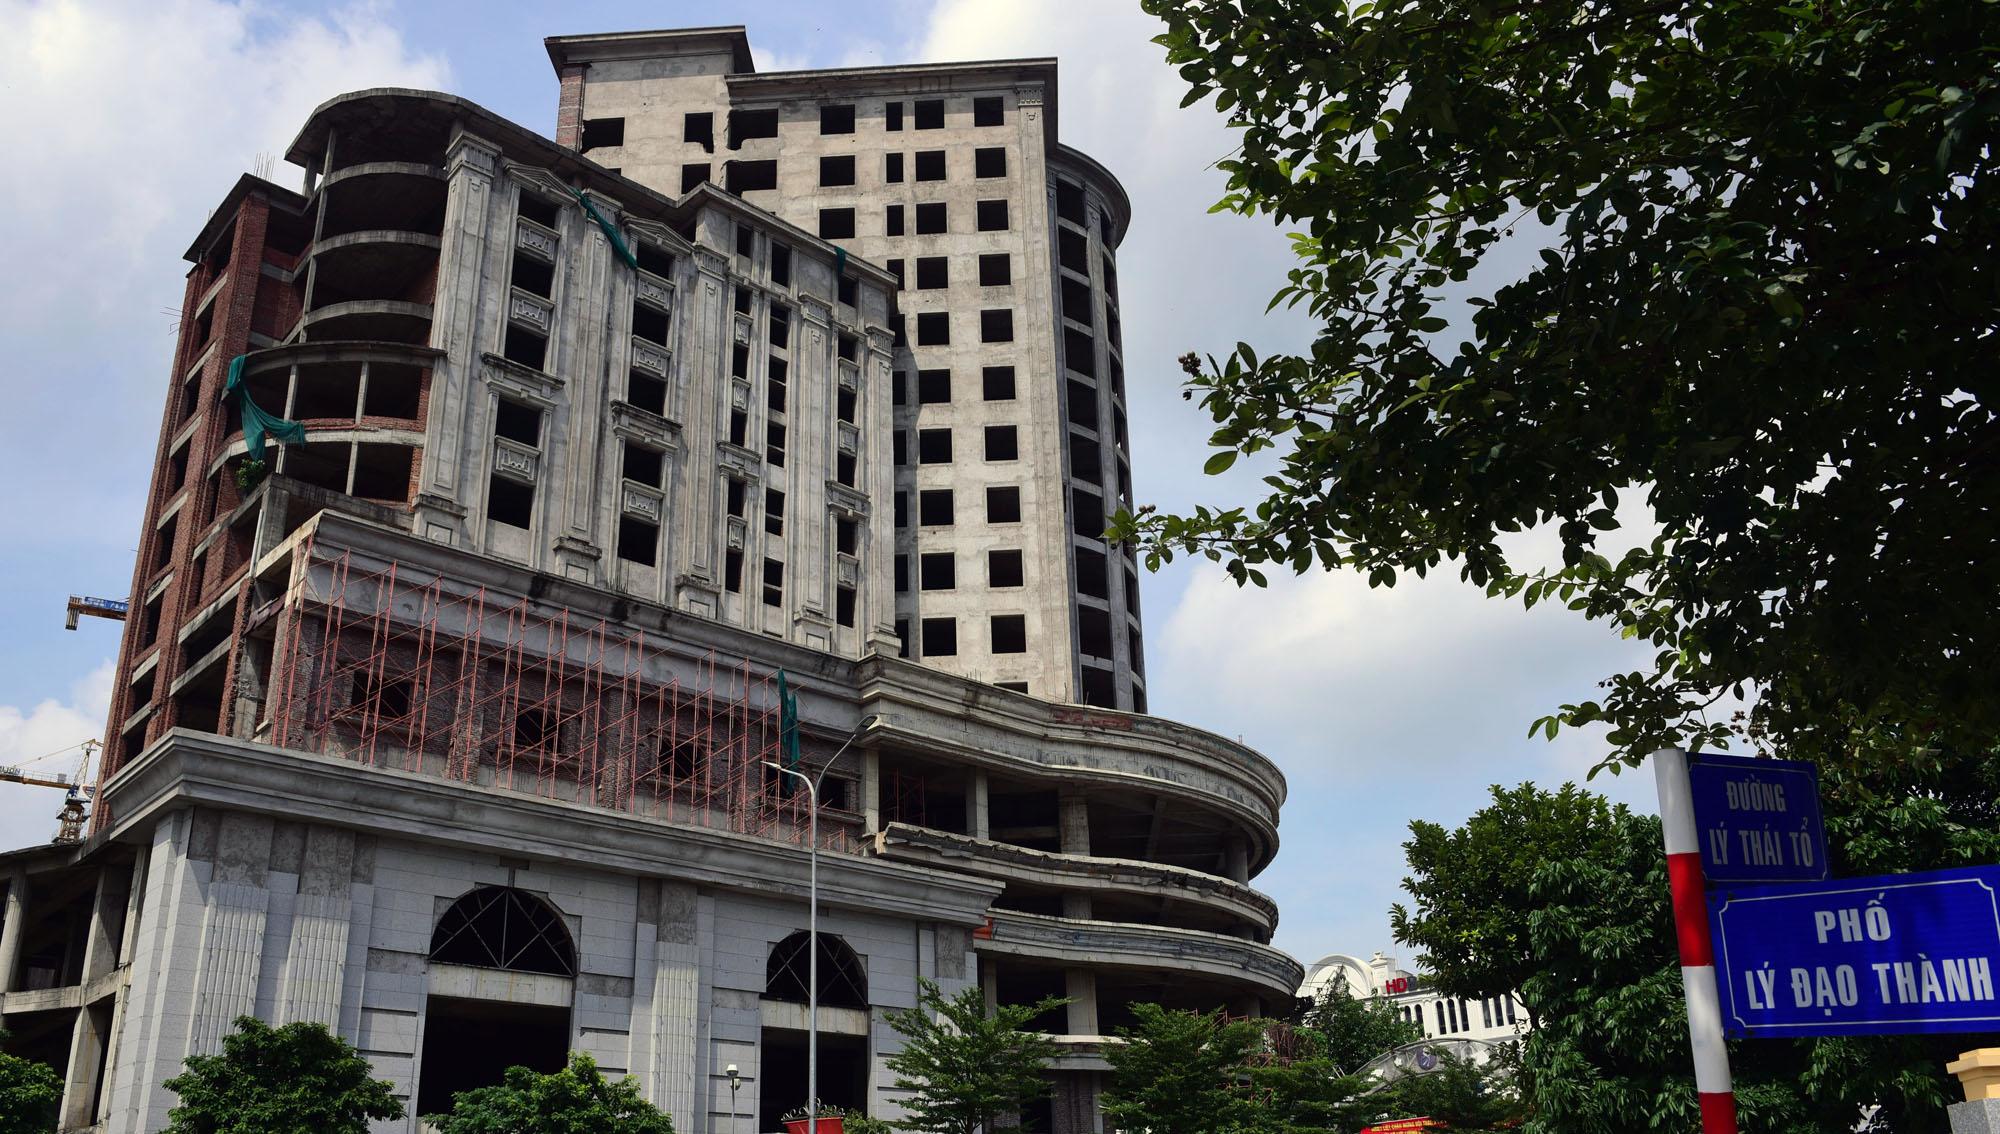 Dự án TTTM Hongkong London trên 'đất vàng' Từ Sơn, Bắc Ninh bỏ hoang nhiều năm - Ảnh 8.